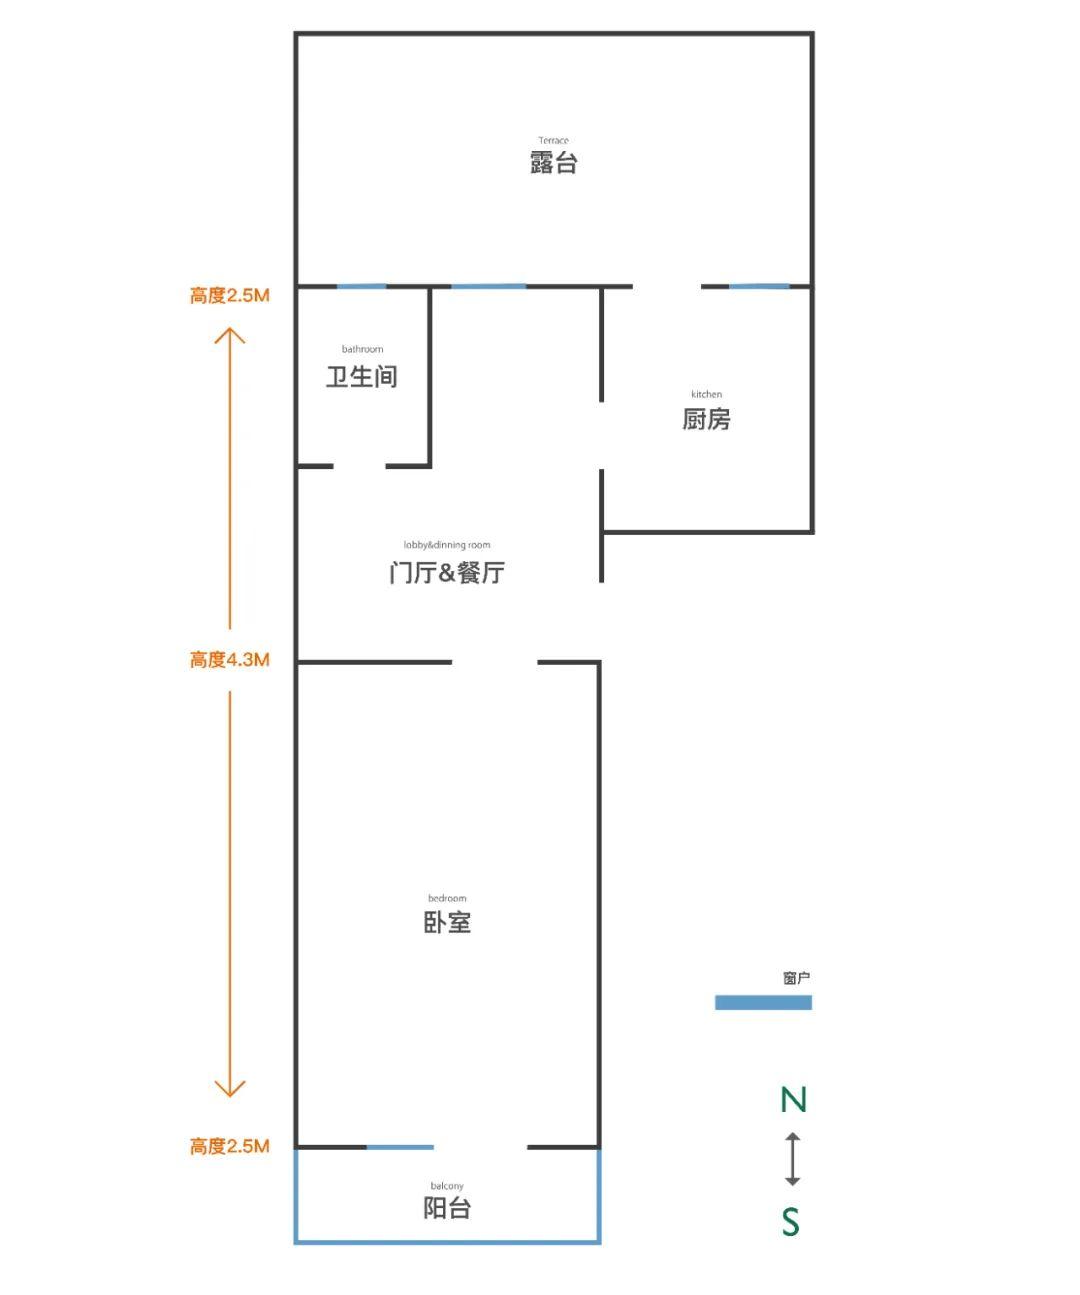 改造女王将40m²改出两室一厅,甚至还有20m²大露台?